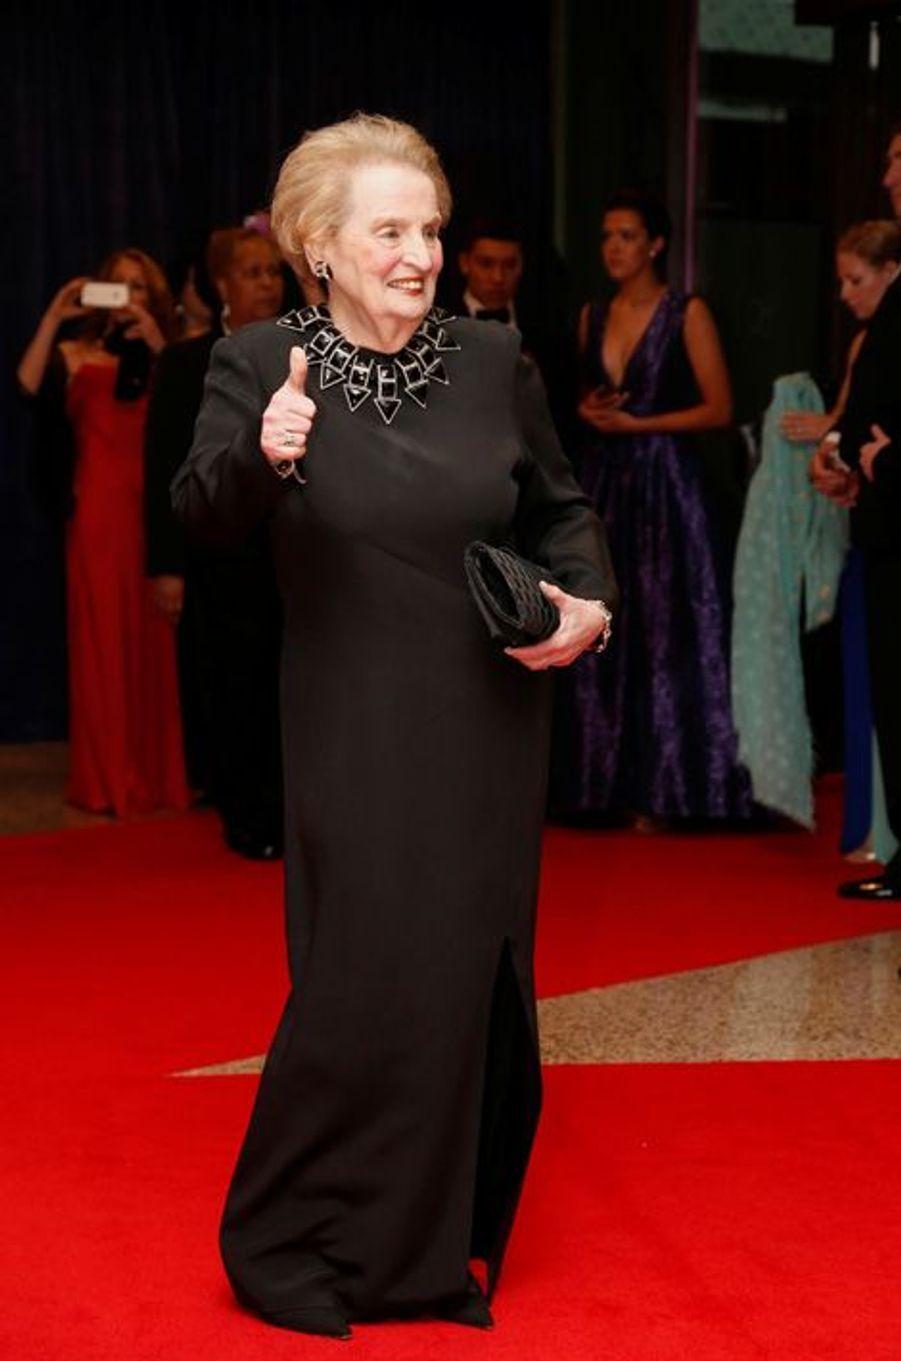 Madeleine Albright au dîner des Correspondants à la Maison Blanche, le 30 avril 2016 à Washington.